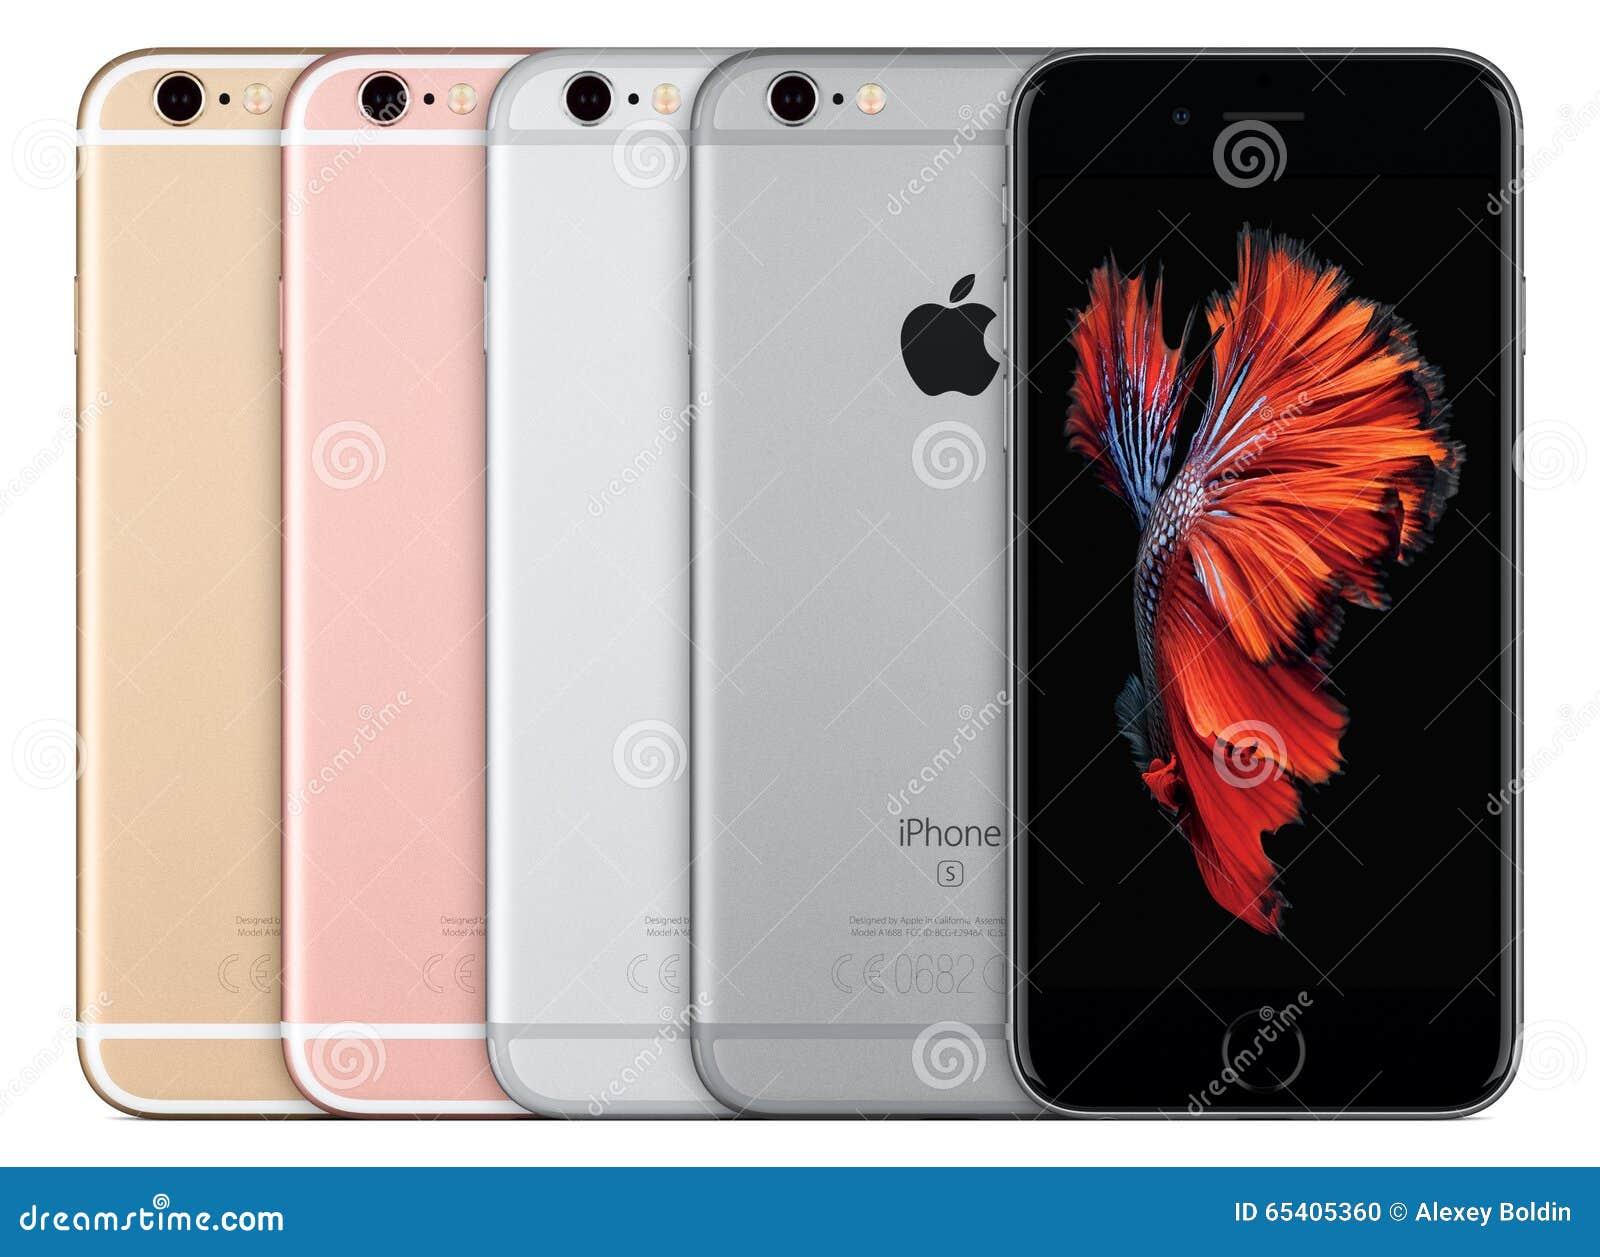 colores del iphone 6s de apple todos los platean el. Black Bedroom Furniture Sets. Home Design Ideas